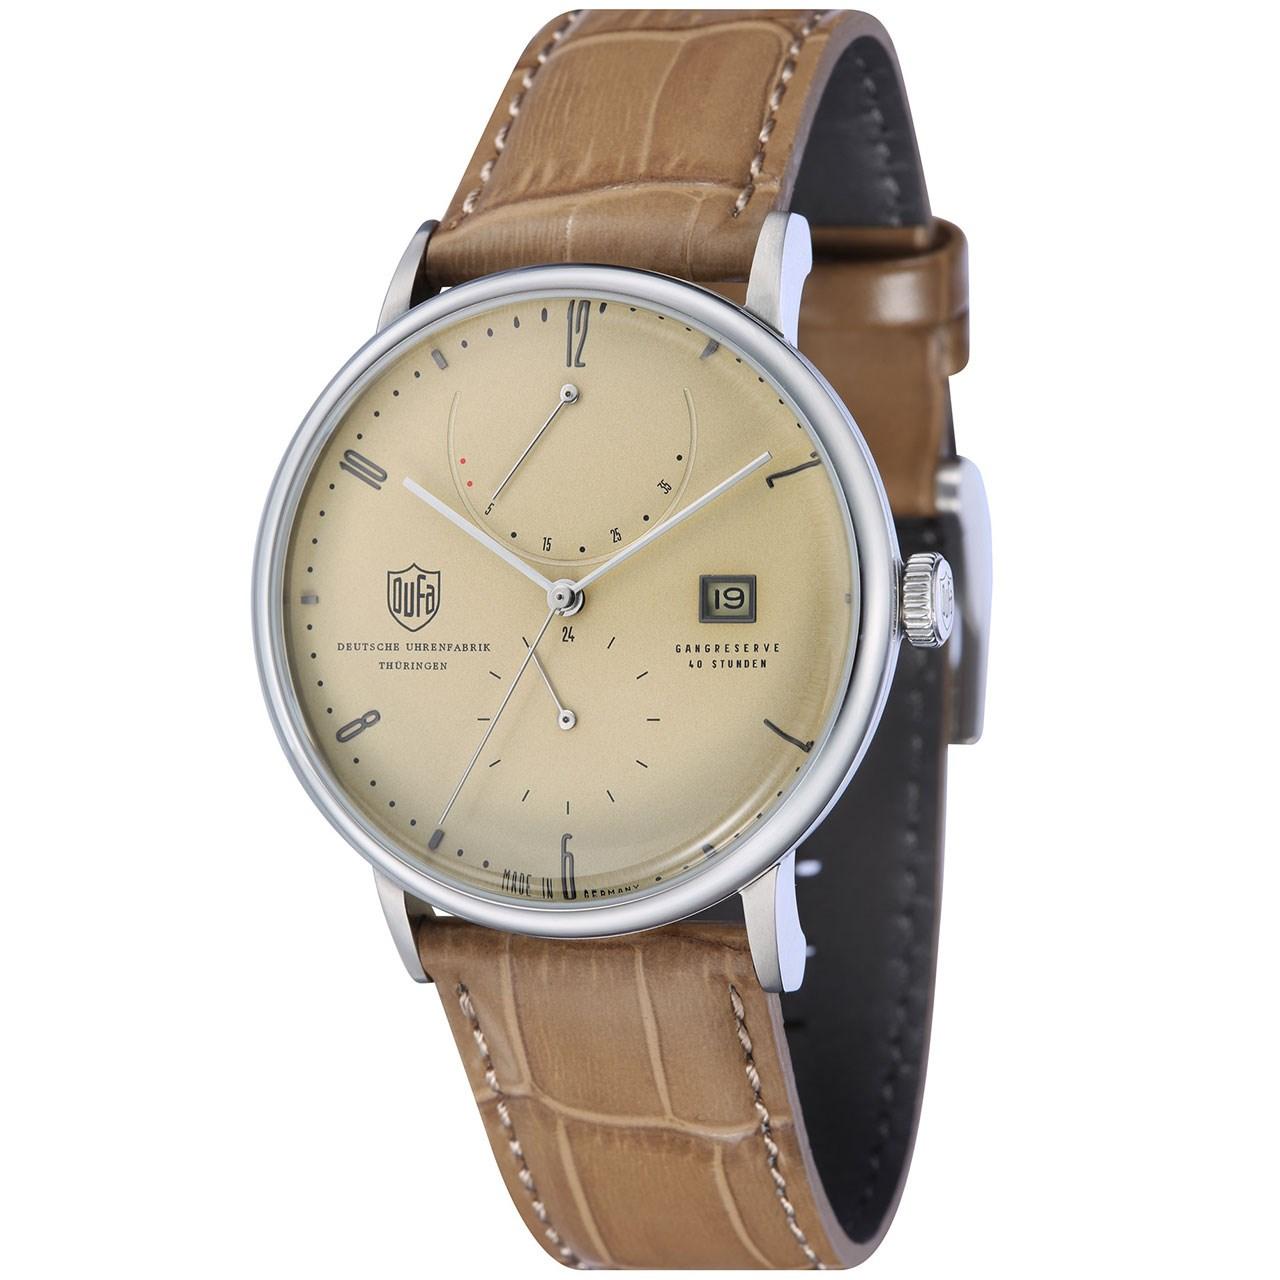 ساعت مچی عقربه ای مردانه دوفا مدل DF-9010-03 28